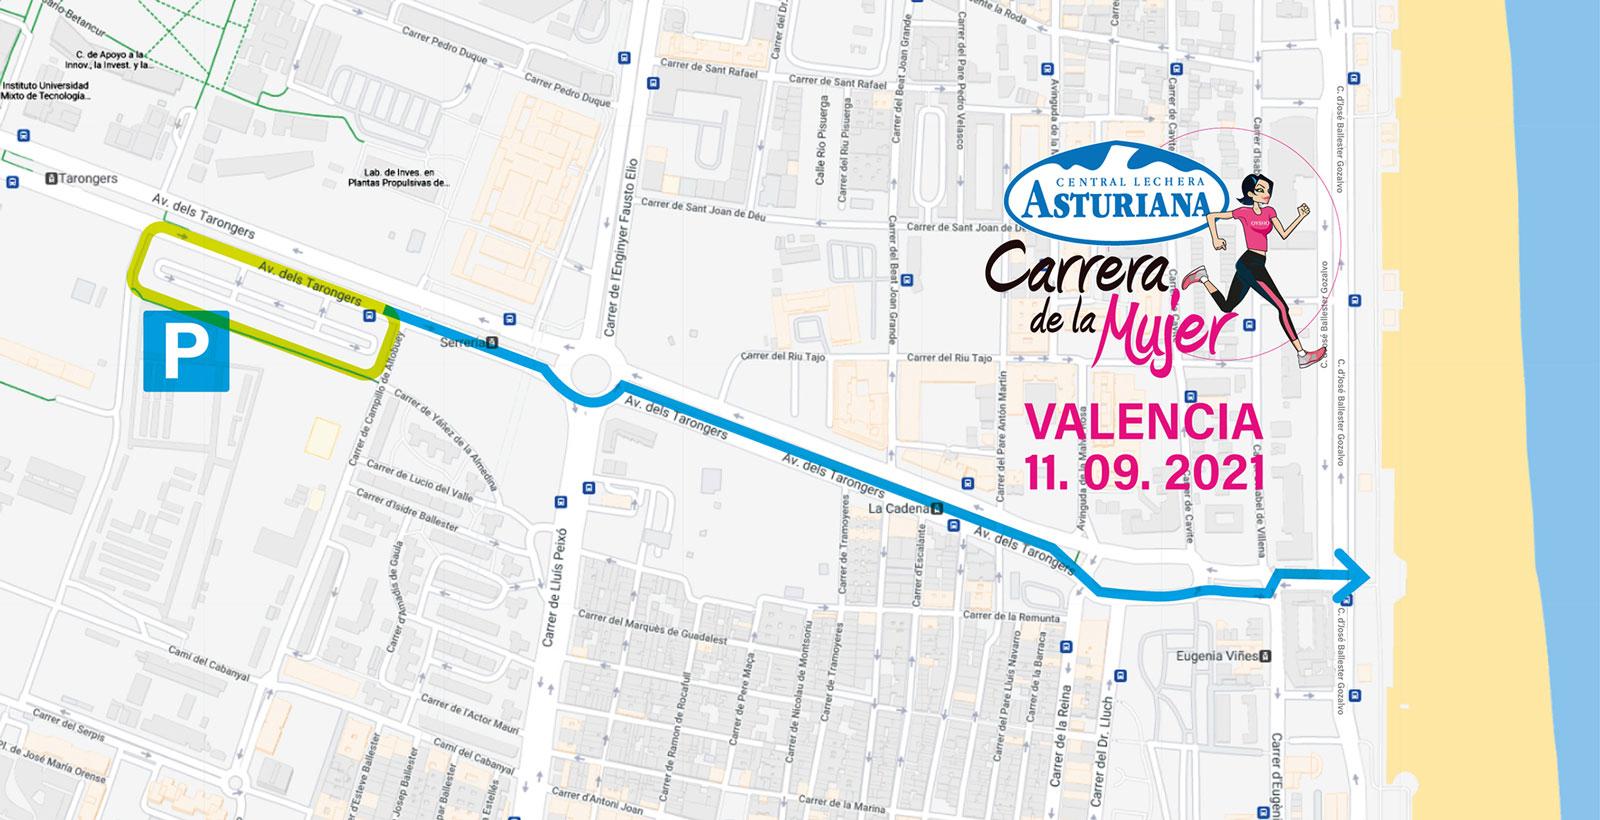 recorrido Carrera de la Mujer 2021 en Valencia